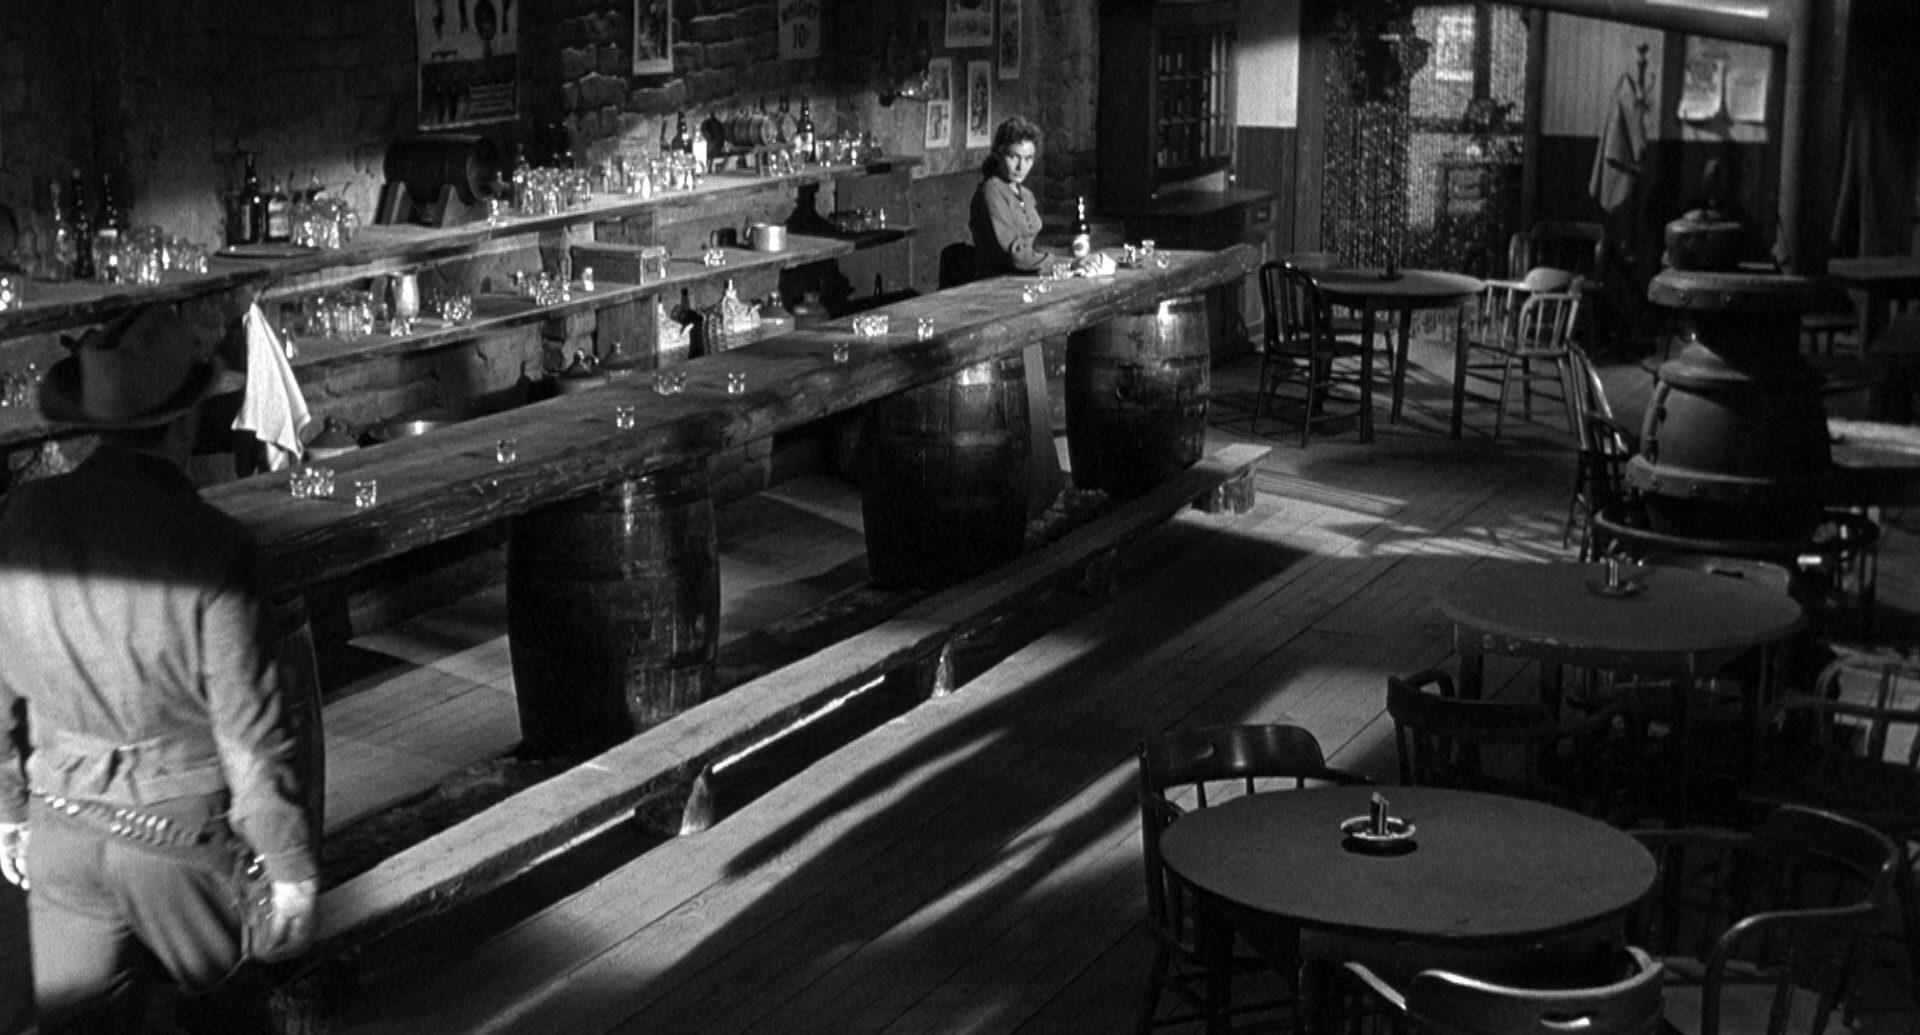 Expressionistische Schwarz-Weiß-Szene, in der ein Cowboy einen bis auf die Barkeeperin leeren Saloon betritt; man sieht sein Gesicht nicht, sie blickt von der anderen Seite des Raumes zu ihm.